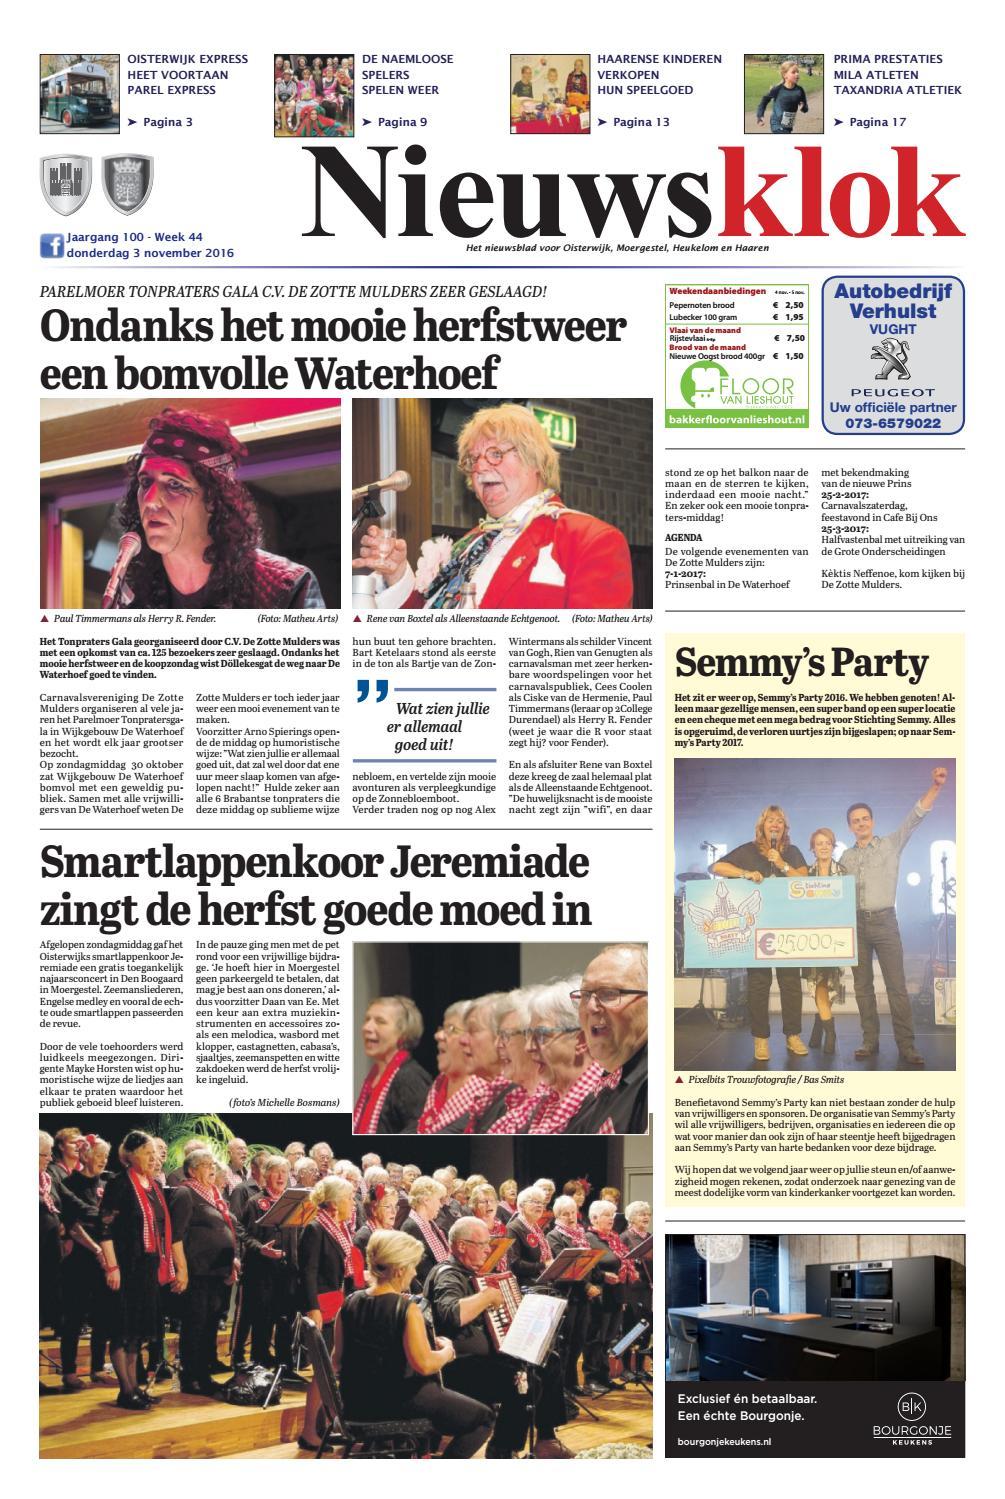 En De Mis Spanning Alleenstaande Breda-94641